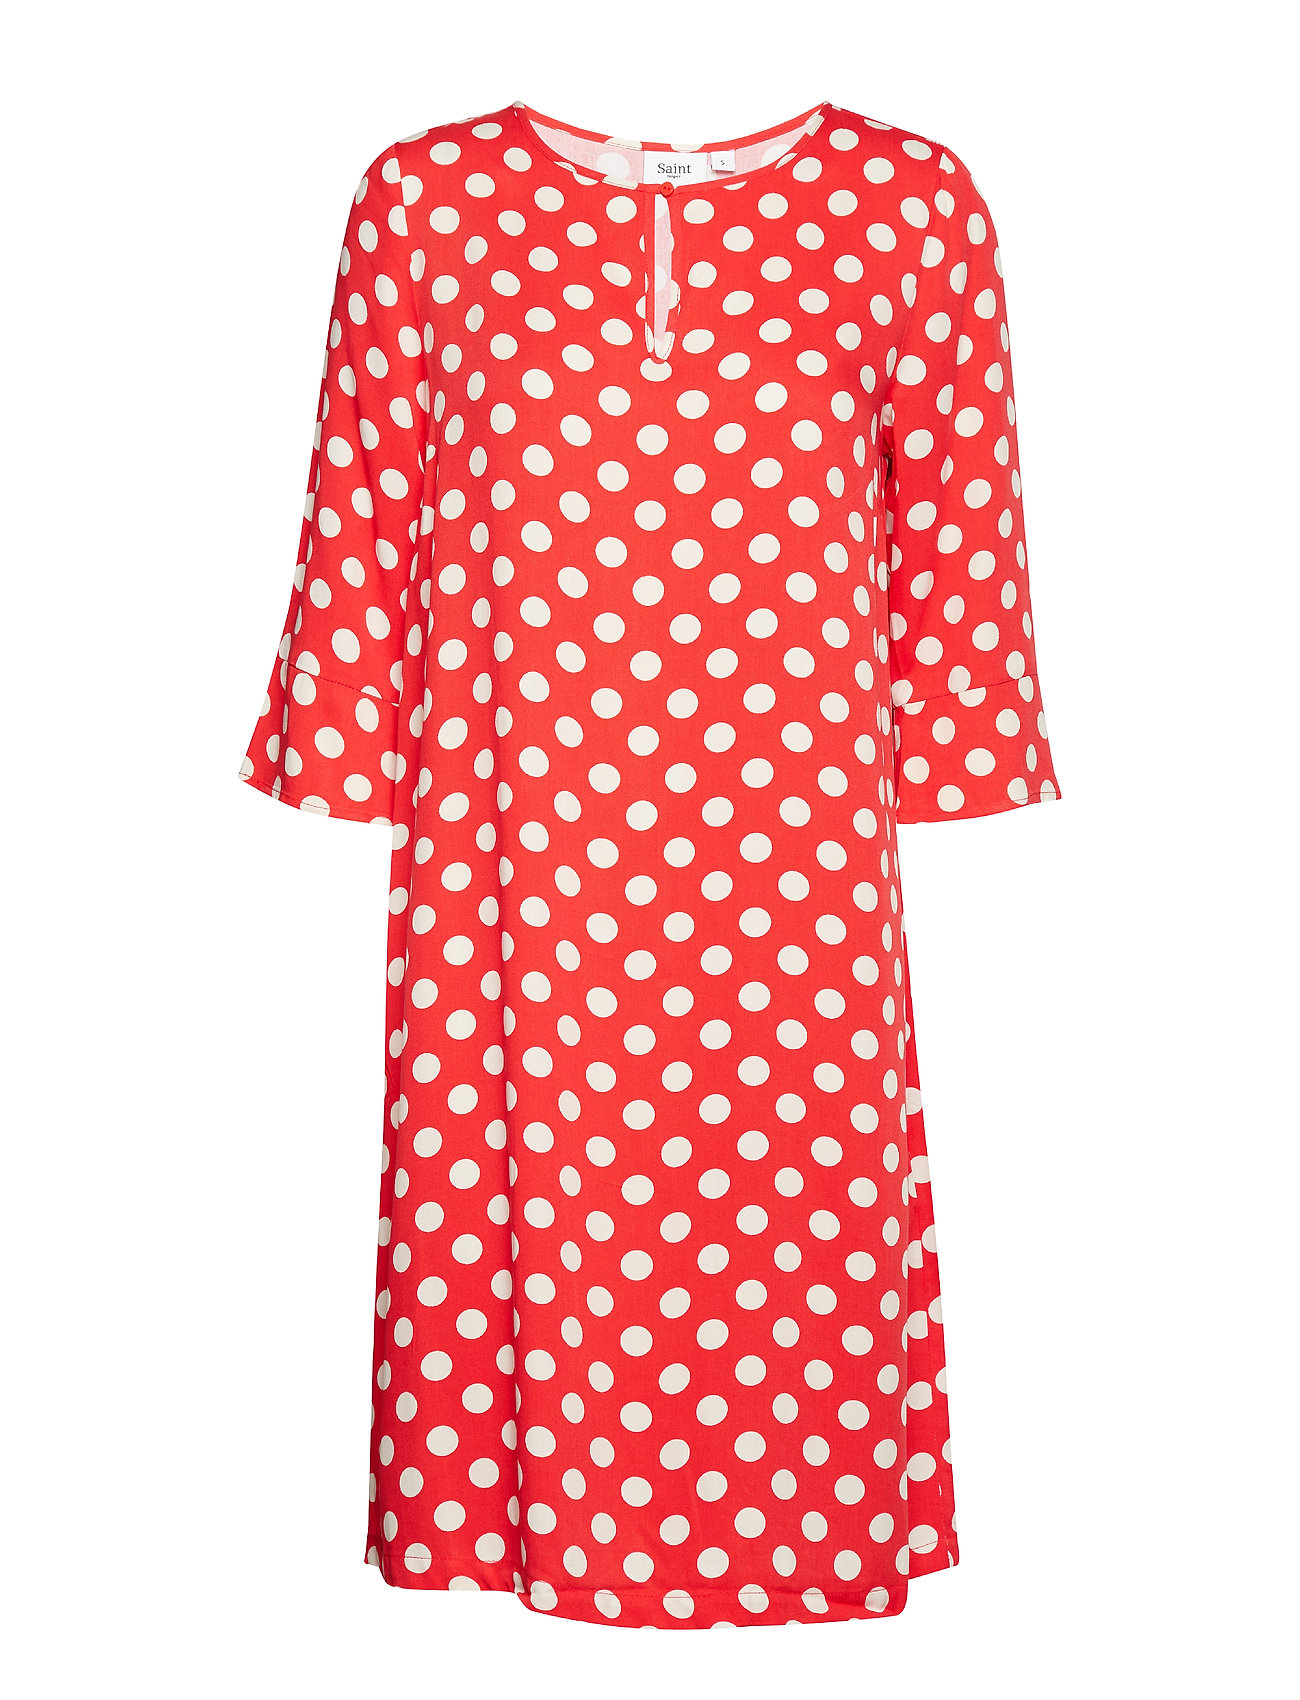 Image of Mega Dot P Dress (3133210833)